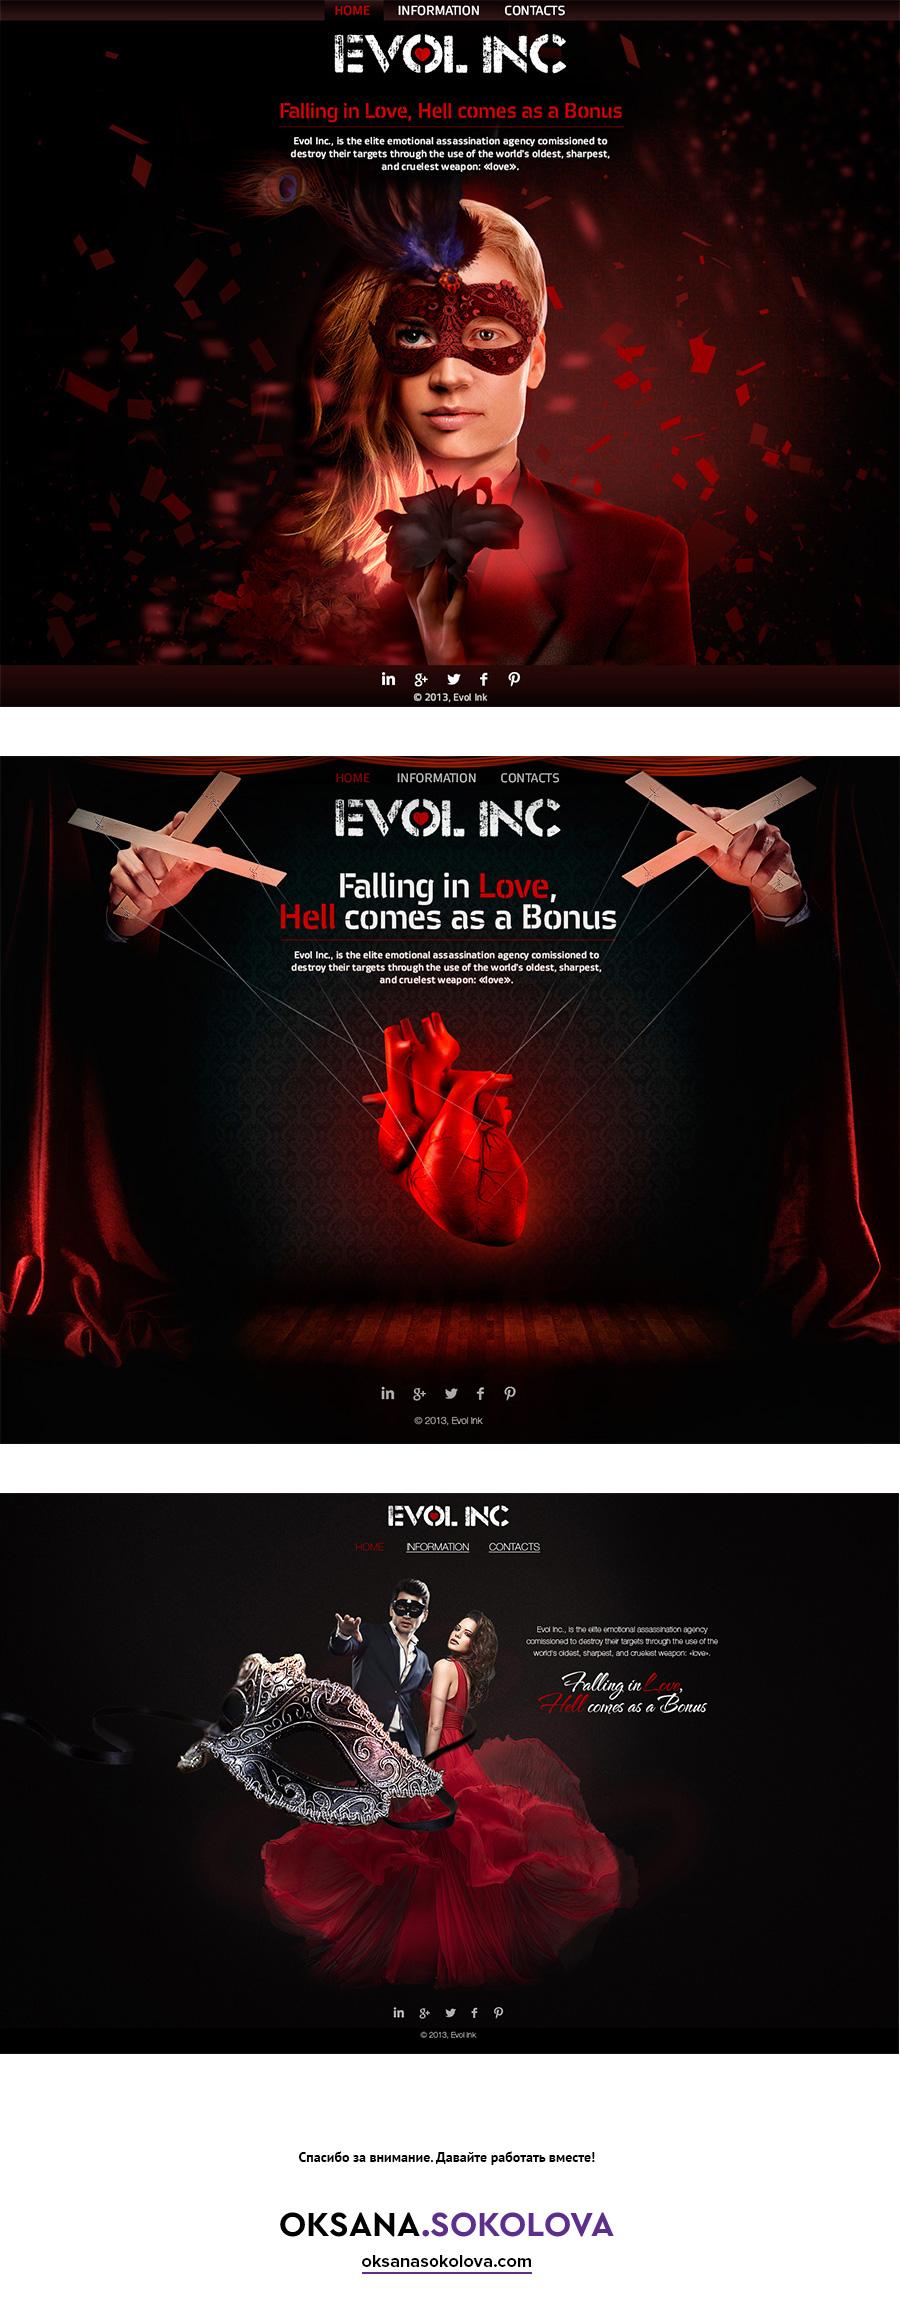 Evol Inc